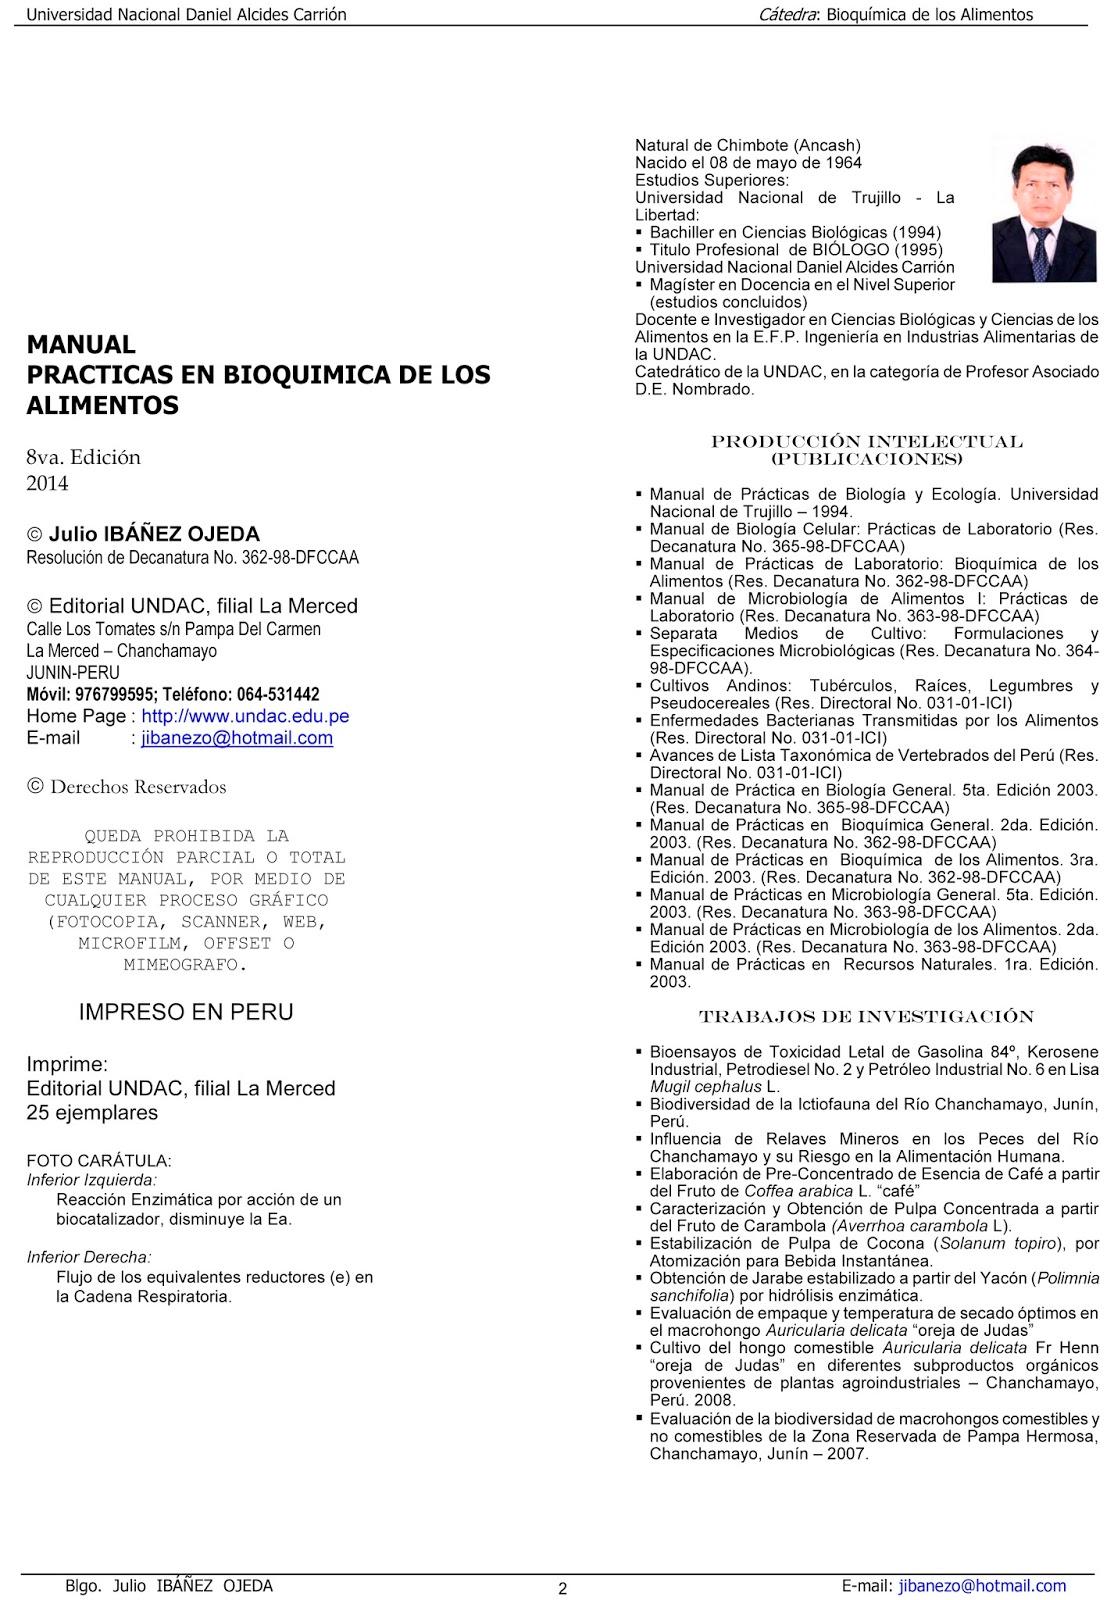 MANUALES DE PRACTICAS DE LABORATORIOS